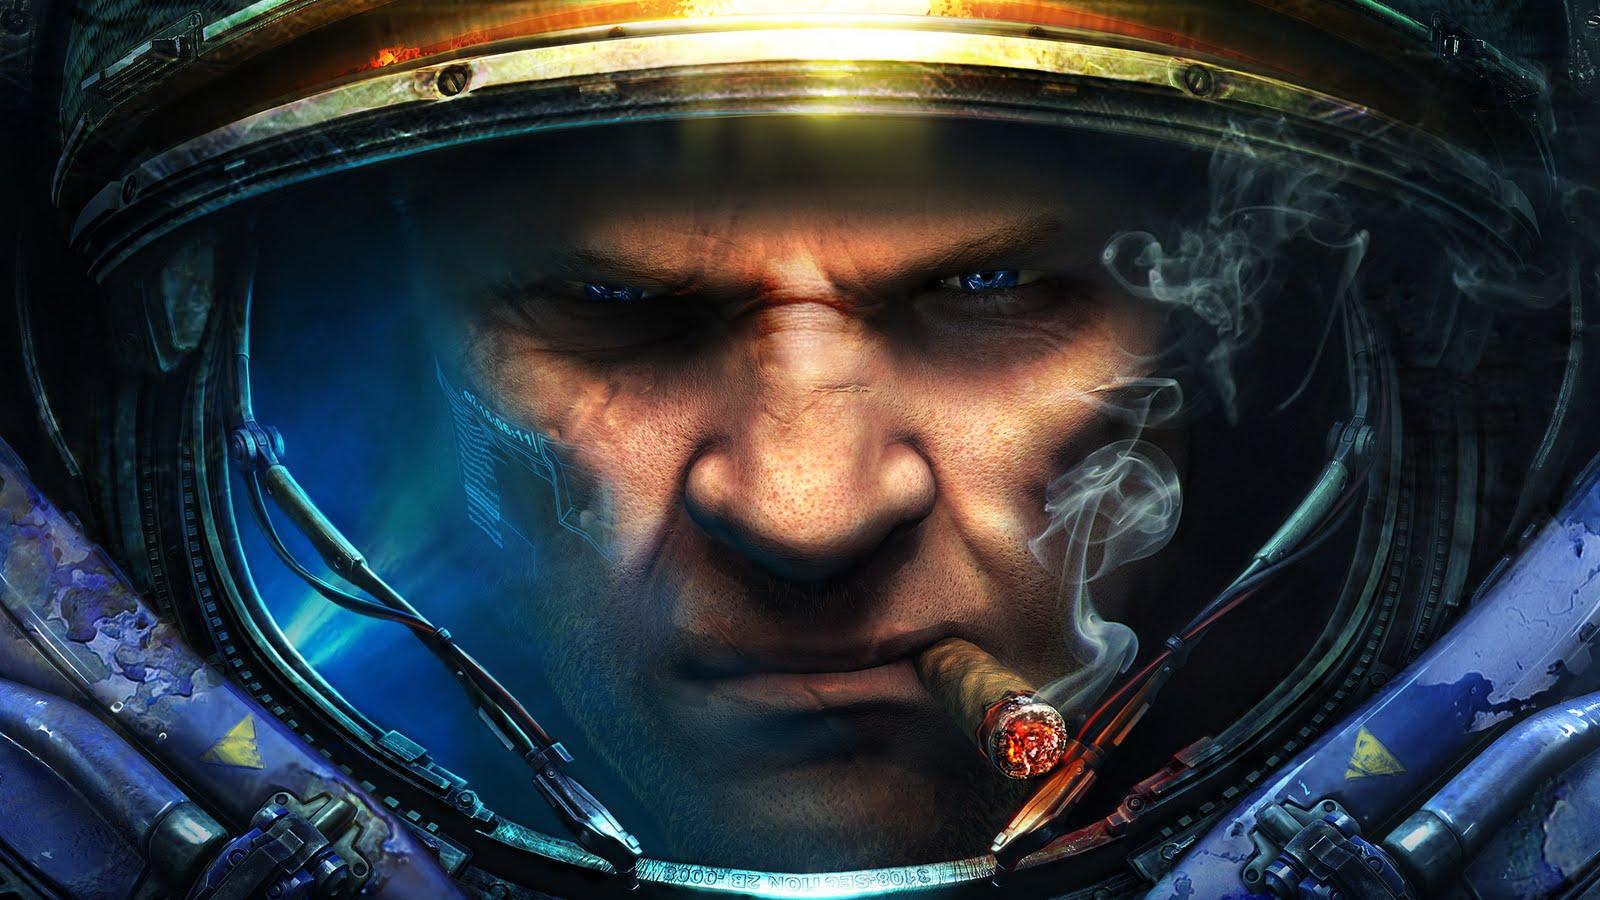 http://4.bp.blogspot.com/_ayuaKpJAiAY/TKzox4Ay_bI/AAAAAAAAGYI/afgWRUcp7cQ/s1600/jogos_wallps+%2811%29.jpg